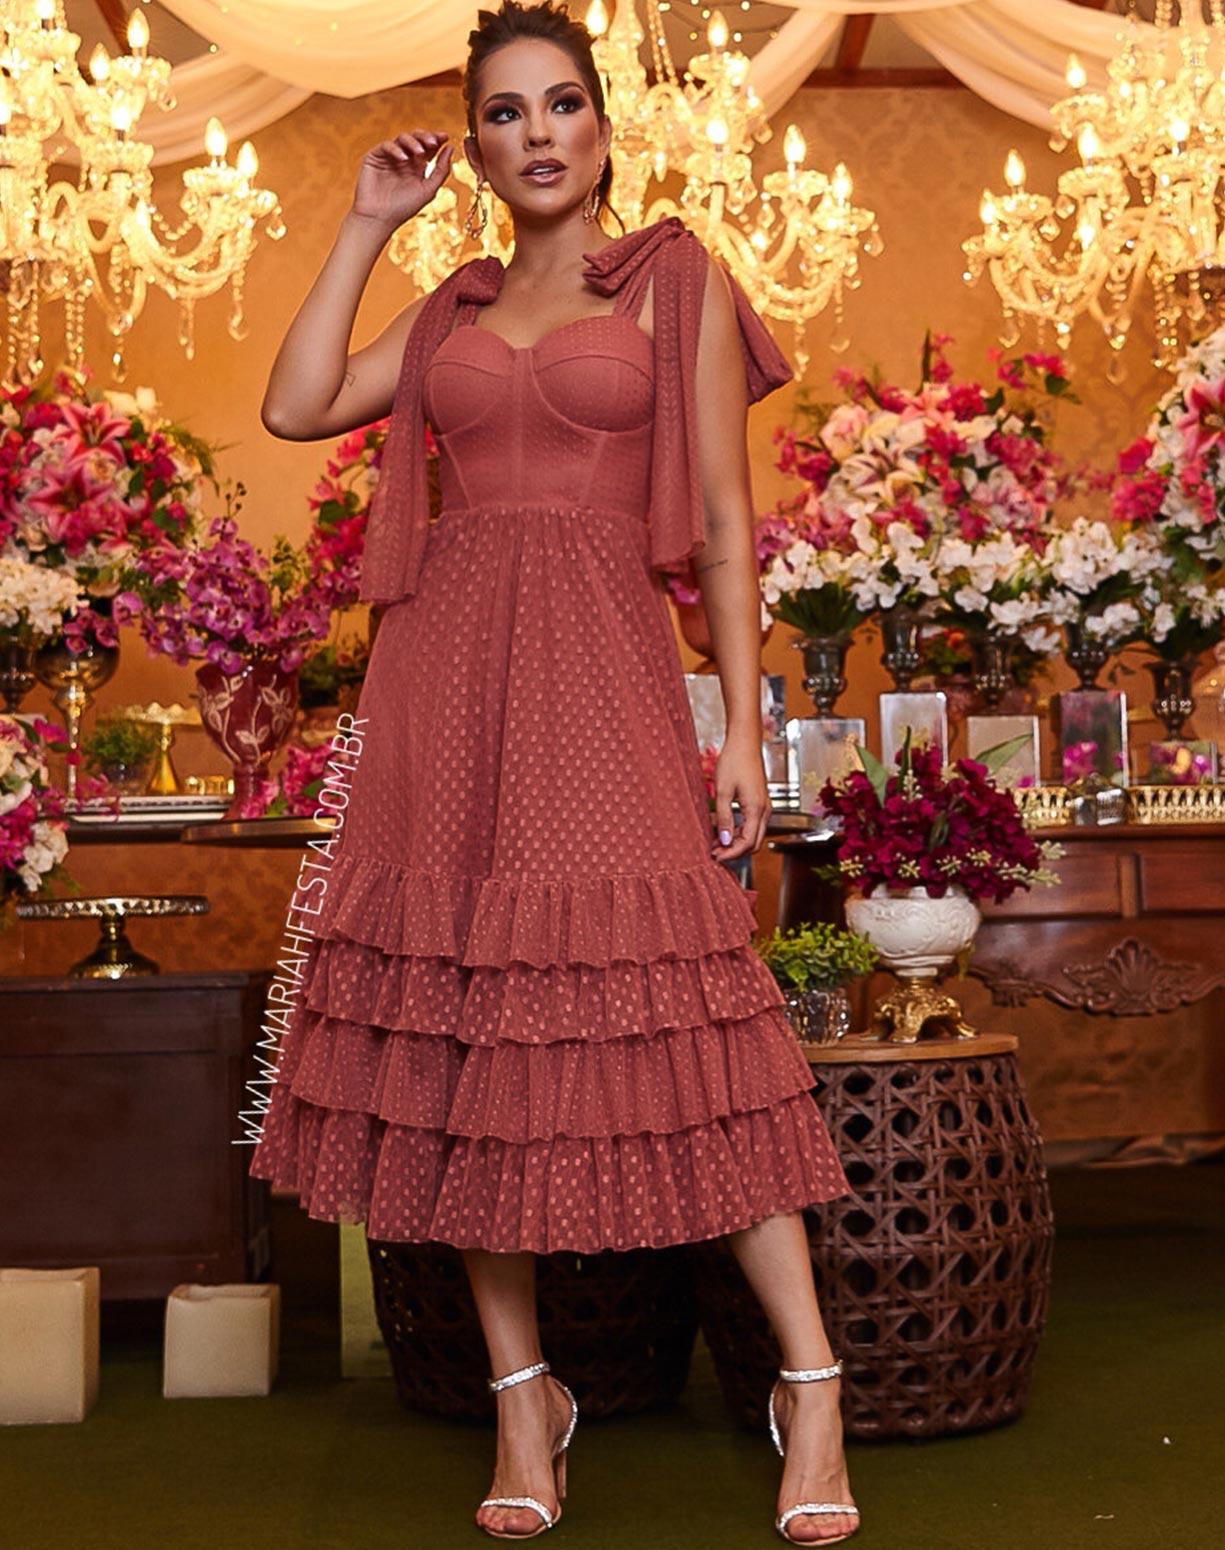 Vestido Midi Rosa Antigo com Textura em Mini Poás